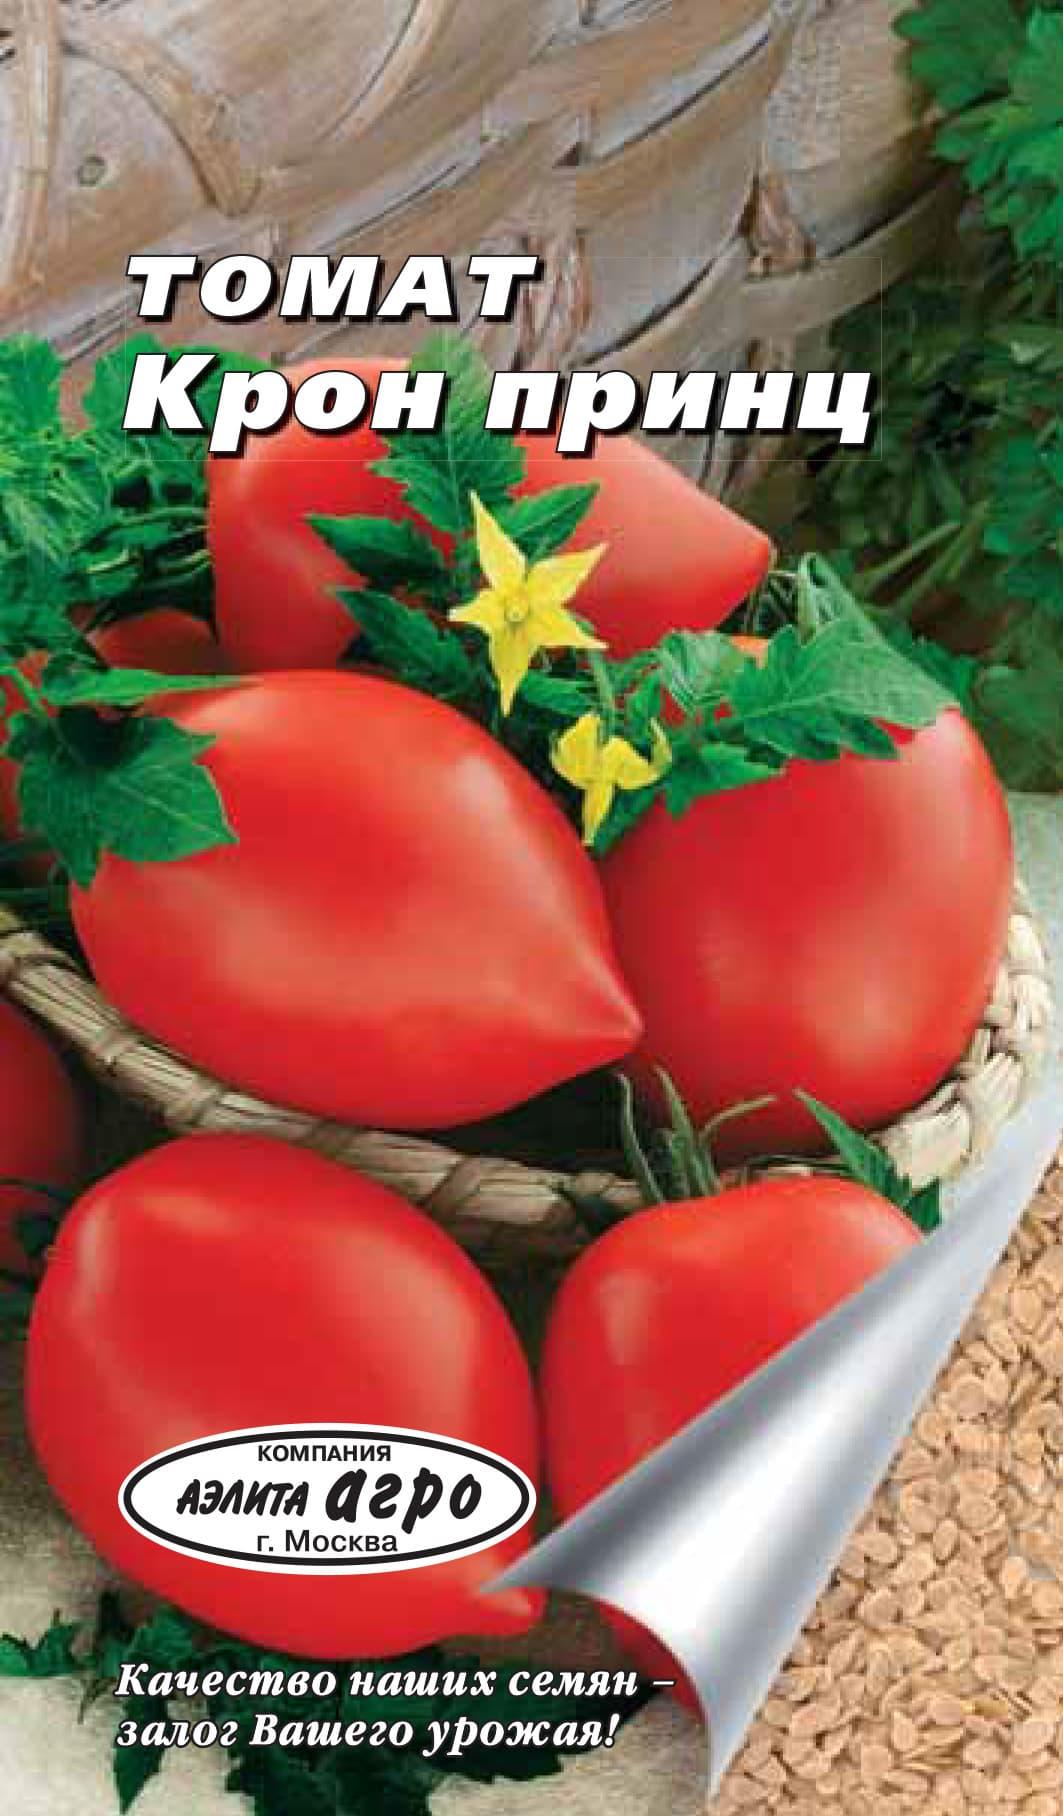 Описание томата Кровавая Мэри: агротехника выращивания, отзывы